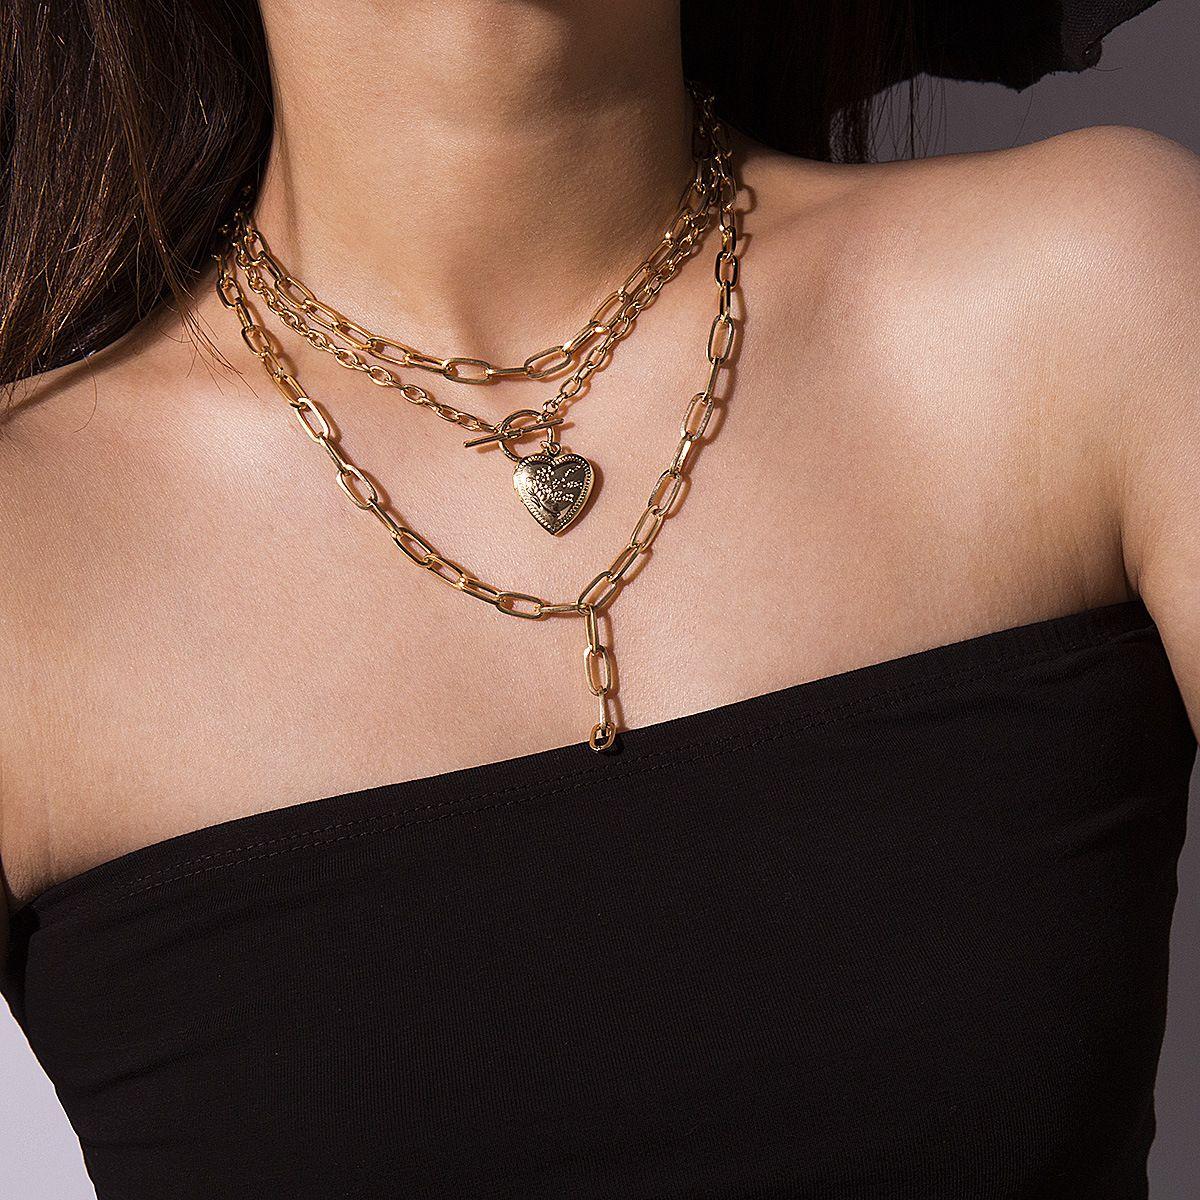 Joyería de moda creativa geométrica gruesa cadena borla collar Mujer openned del corazón del melocotón OT botón se mezclaron con el collar de los elementos